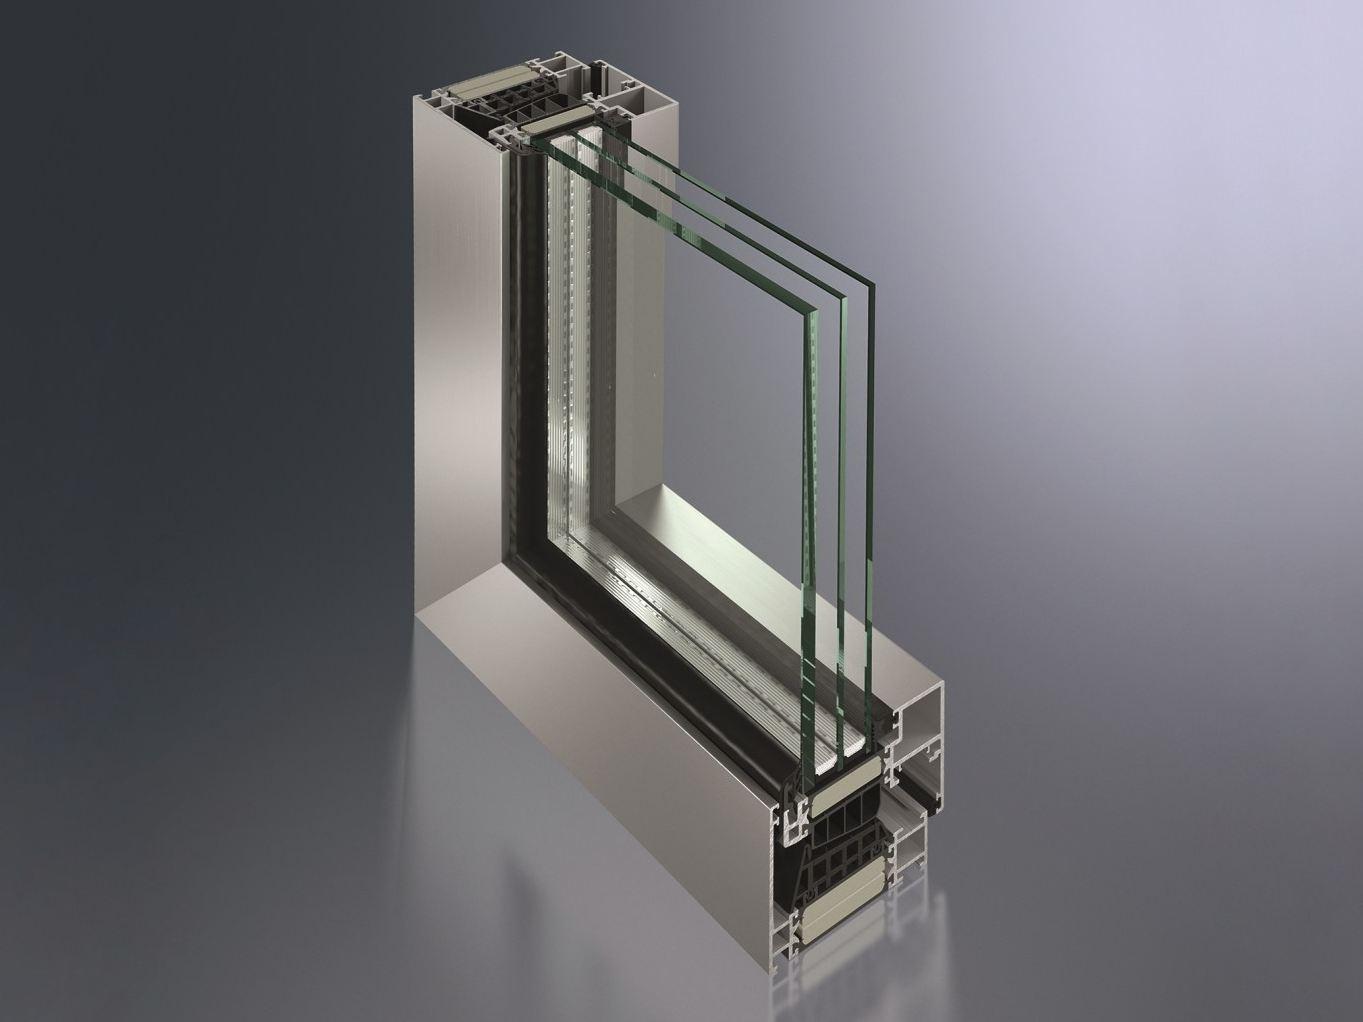 قیمت پنجره سه جداره درب و پنجره Upvc